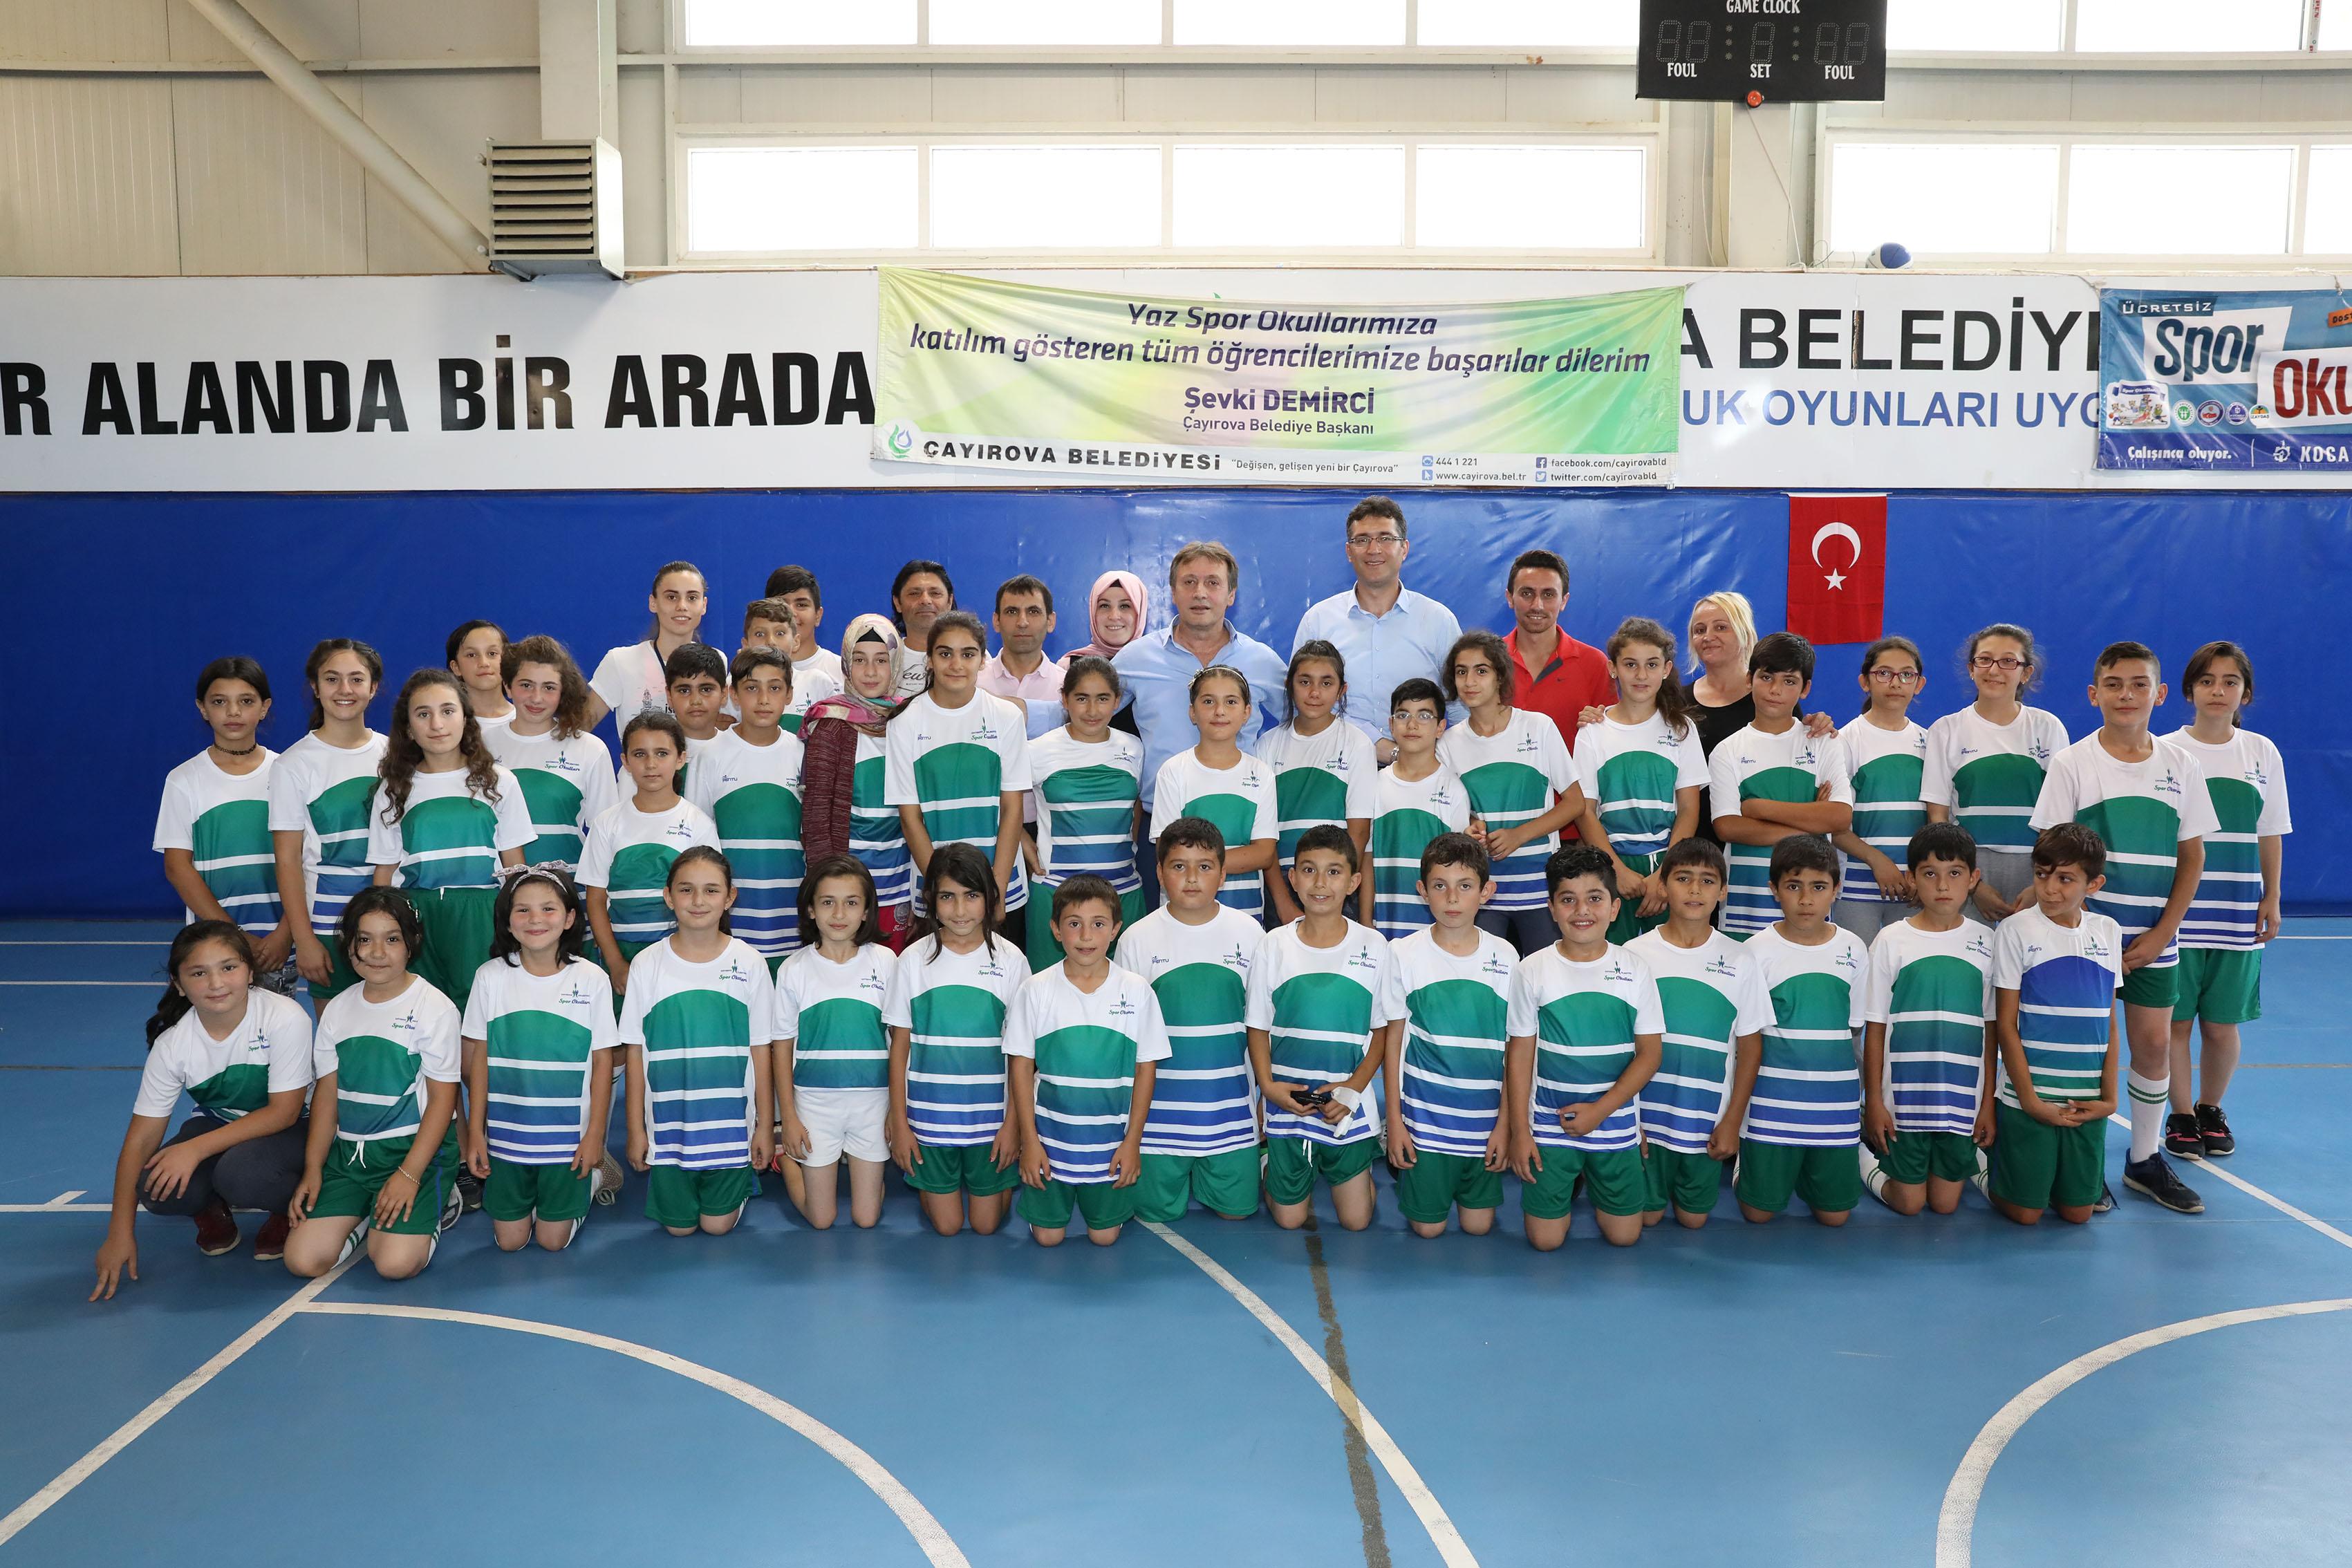 """Demirci, """"Yaz Spor Okullarımızda Eğitim, Sanat ve Spor Bir Arada"""""""